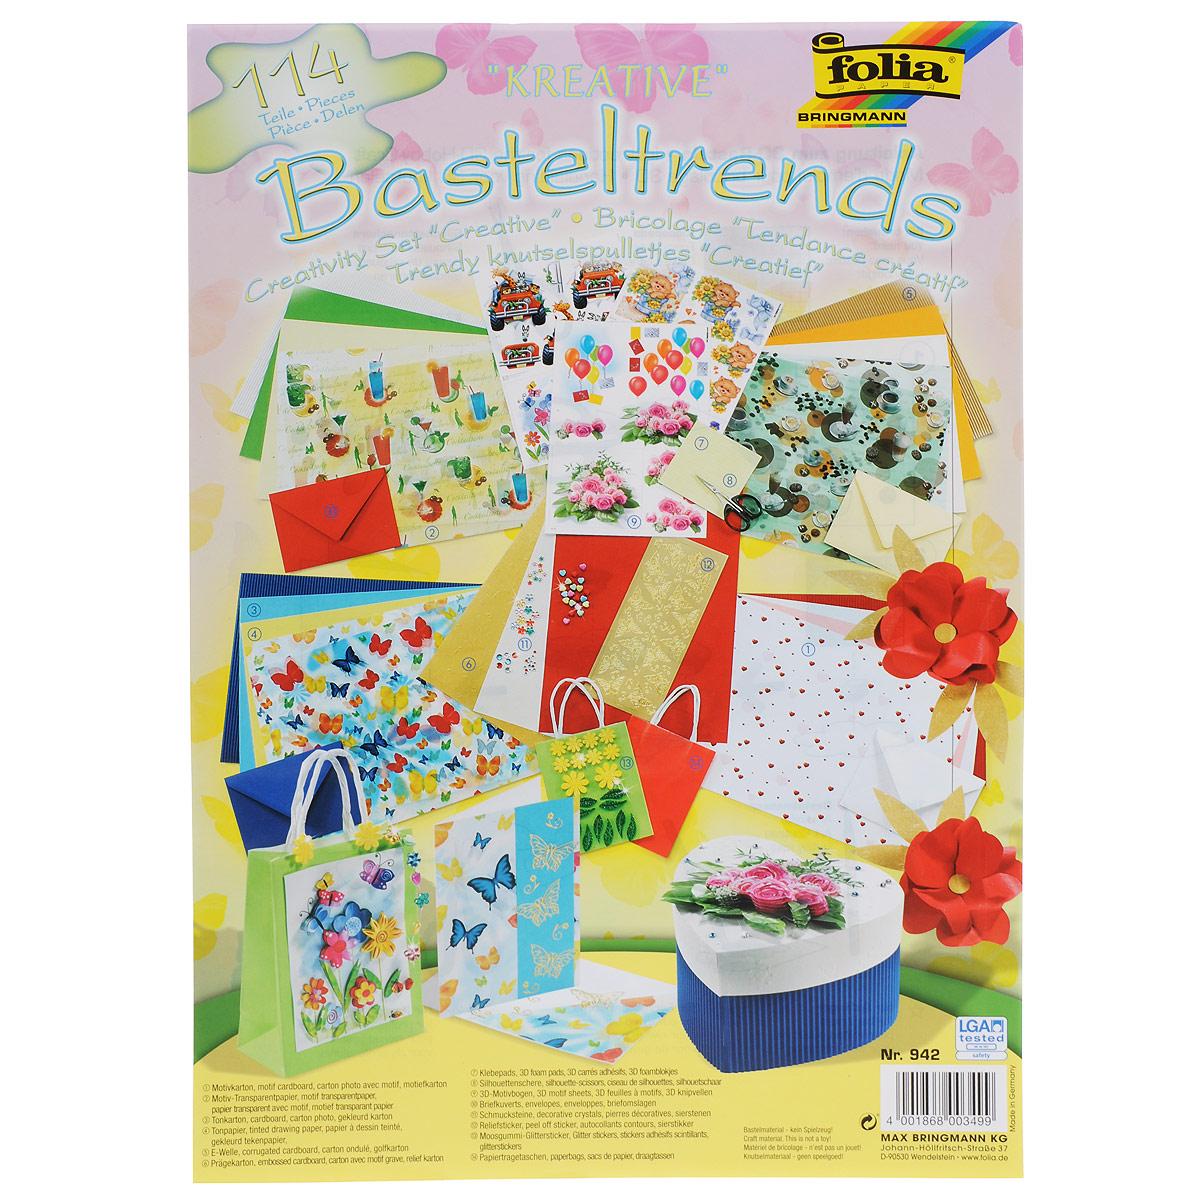 Набор для творчества Folia Креатив, 114 предметов7708139Набор для творчества Folia Креатив из 114 предметов позволит вашему ребенку создавать всевозможные аппликации и поделки. В набор входит: - 4 листа картона с рисунком 25 см х 35 см, - 3 листа кальки с разными сюжетами 25 см х 35 см, - 4 листа цветного картона 25 см х 35 см, - 4 листа цветной бумаги 25 см х 35 см, - 4 листа цветного гофрокартона 25 см х 35 см, - 3 листа картона 24 см х 34 см, - ножницы, - 400 квадратиков белого двустороннего скотча, - 3 листа 3D наклеек с разными картинками, - 60 декоративных камней, - 4 конверта 11 см х 15,5 см, - 1 лист с наклейками «Бабочки», - 20 декоративных элементов с глиттером, - 2 пакета для декорирования 12 см х 5,5 см х 15 см. Работа с набором для творчества Folia Креатив развивает мелкую моторику, усидчивость, внимание, фантазию и творческие способности. С таким богатым материалом ваш ребенок сможет заниматься творчеством...